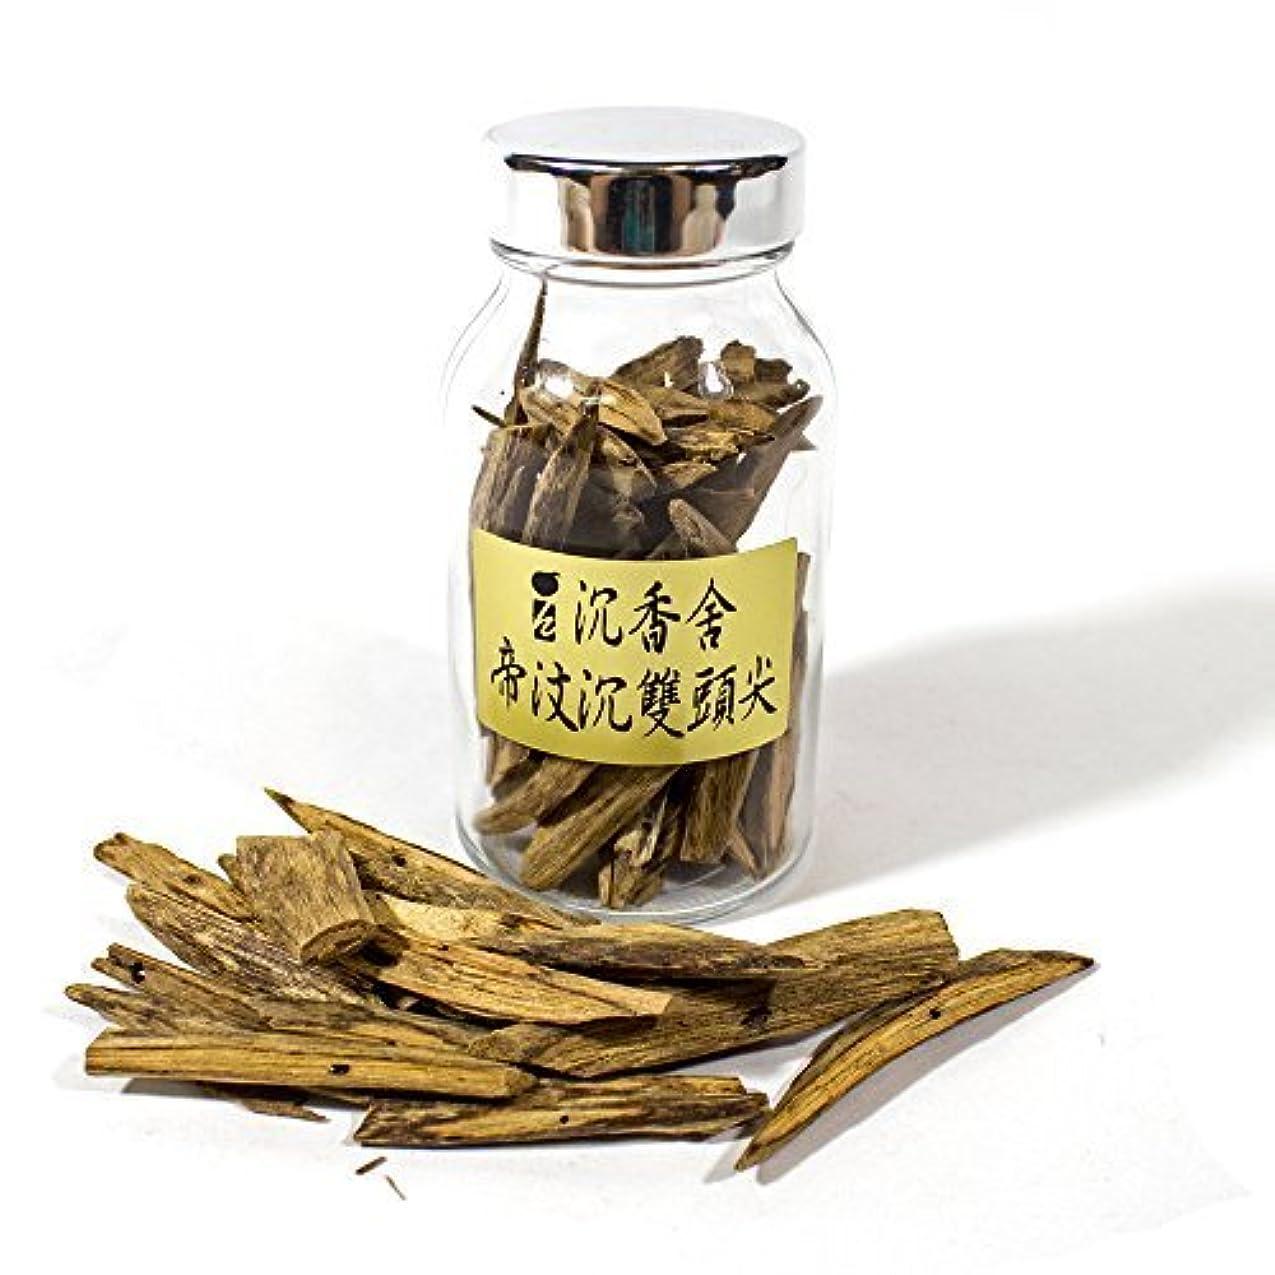 締めるキャストエピソードAgarwood Aloeswood Chip Scrap - TiMor Island 20g Collection Grade by IncenseHouse - Raw Material [並行輸入品]